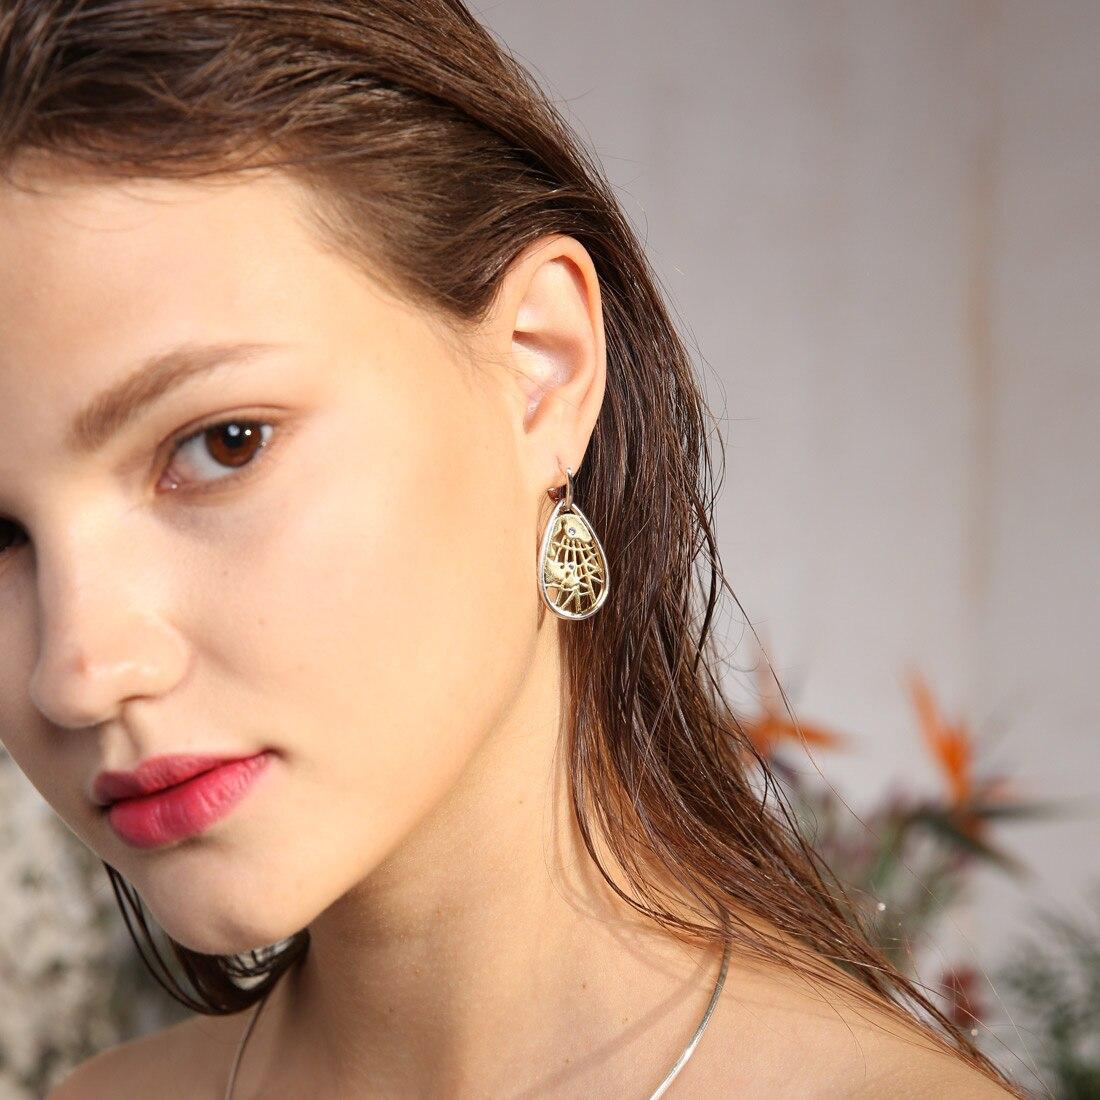 925 Sterling Silver 14K Yellow Gold Plated Round Drop Earrings for Woman 925 Silver Map Earrings Stud Earrings Ear Jewelry 2019